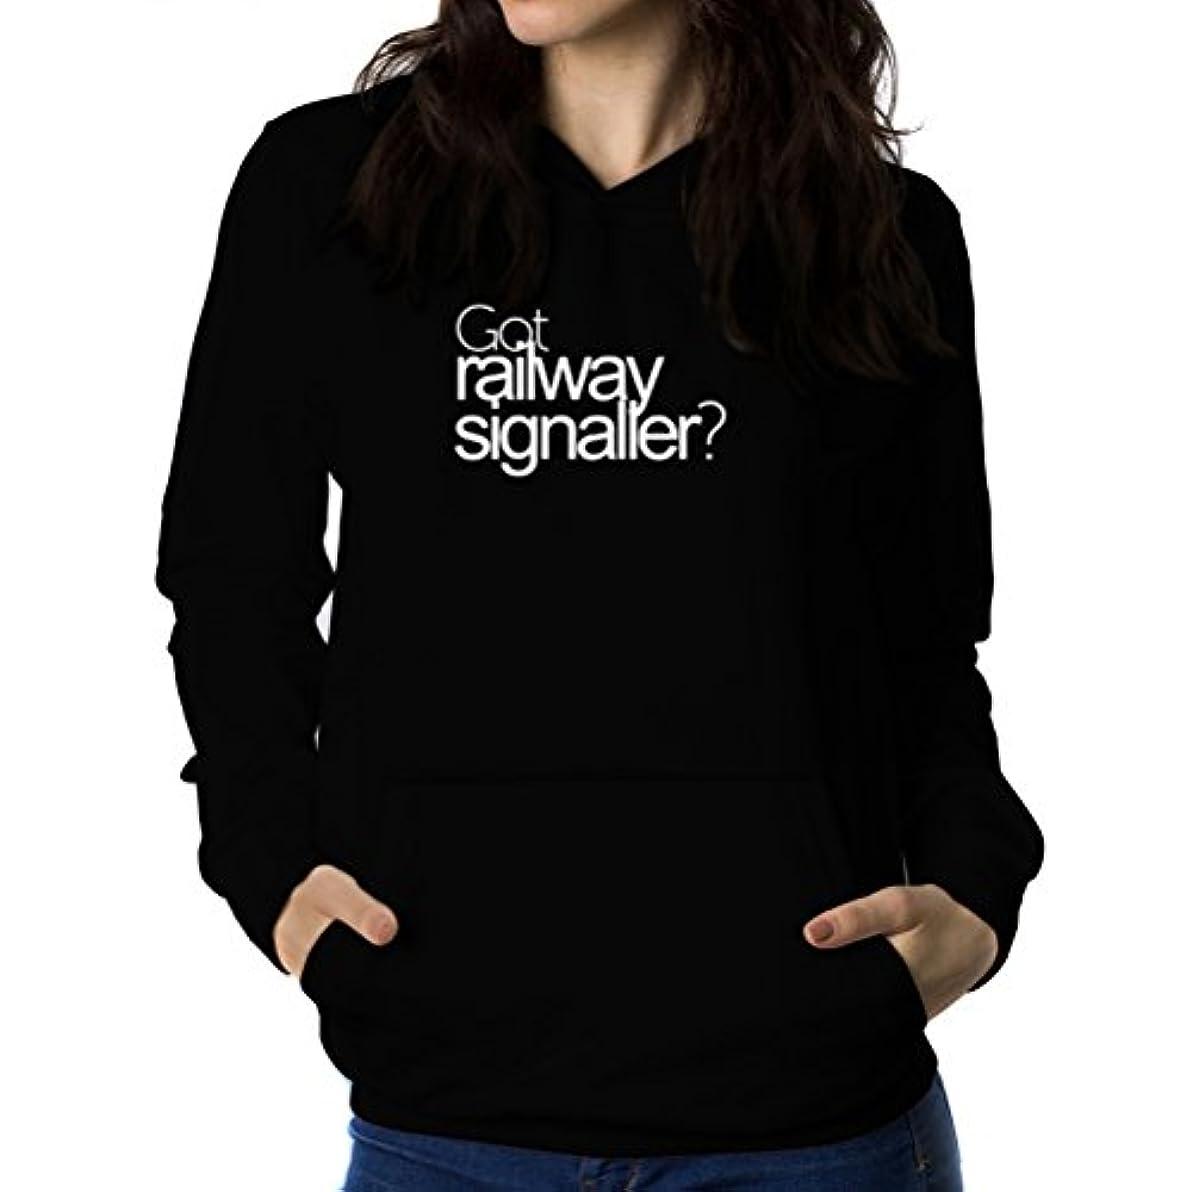 大工ジェームズダイソンプラグGot Railway Signaller? 女性 フーディー